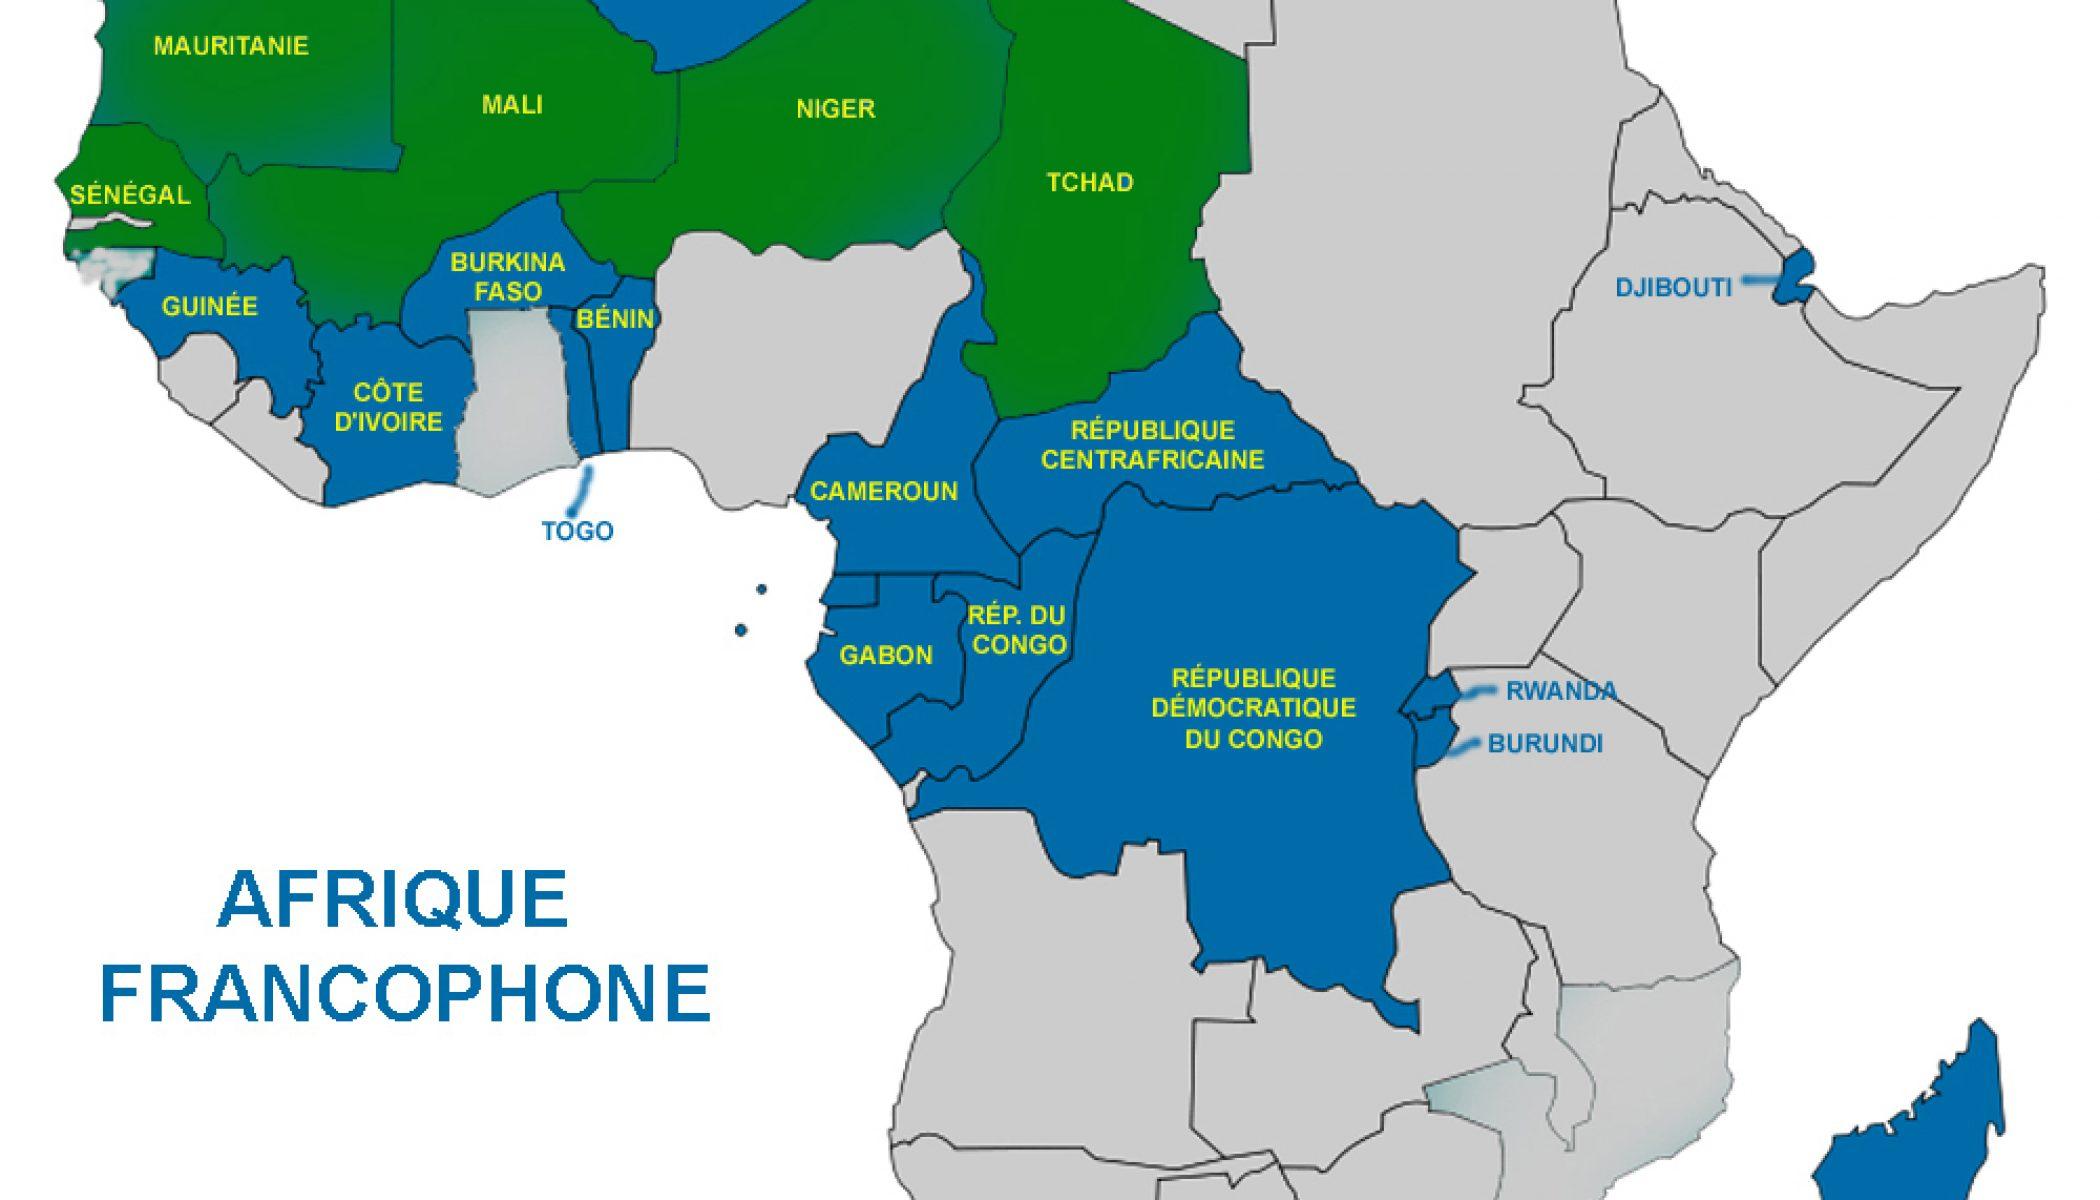 Carte Afrique Subsaharienne.L Afrique Subsaharienne Francophone Est Le Moteur De La